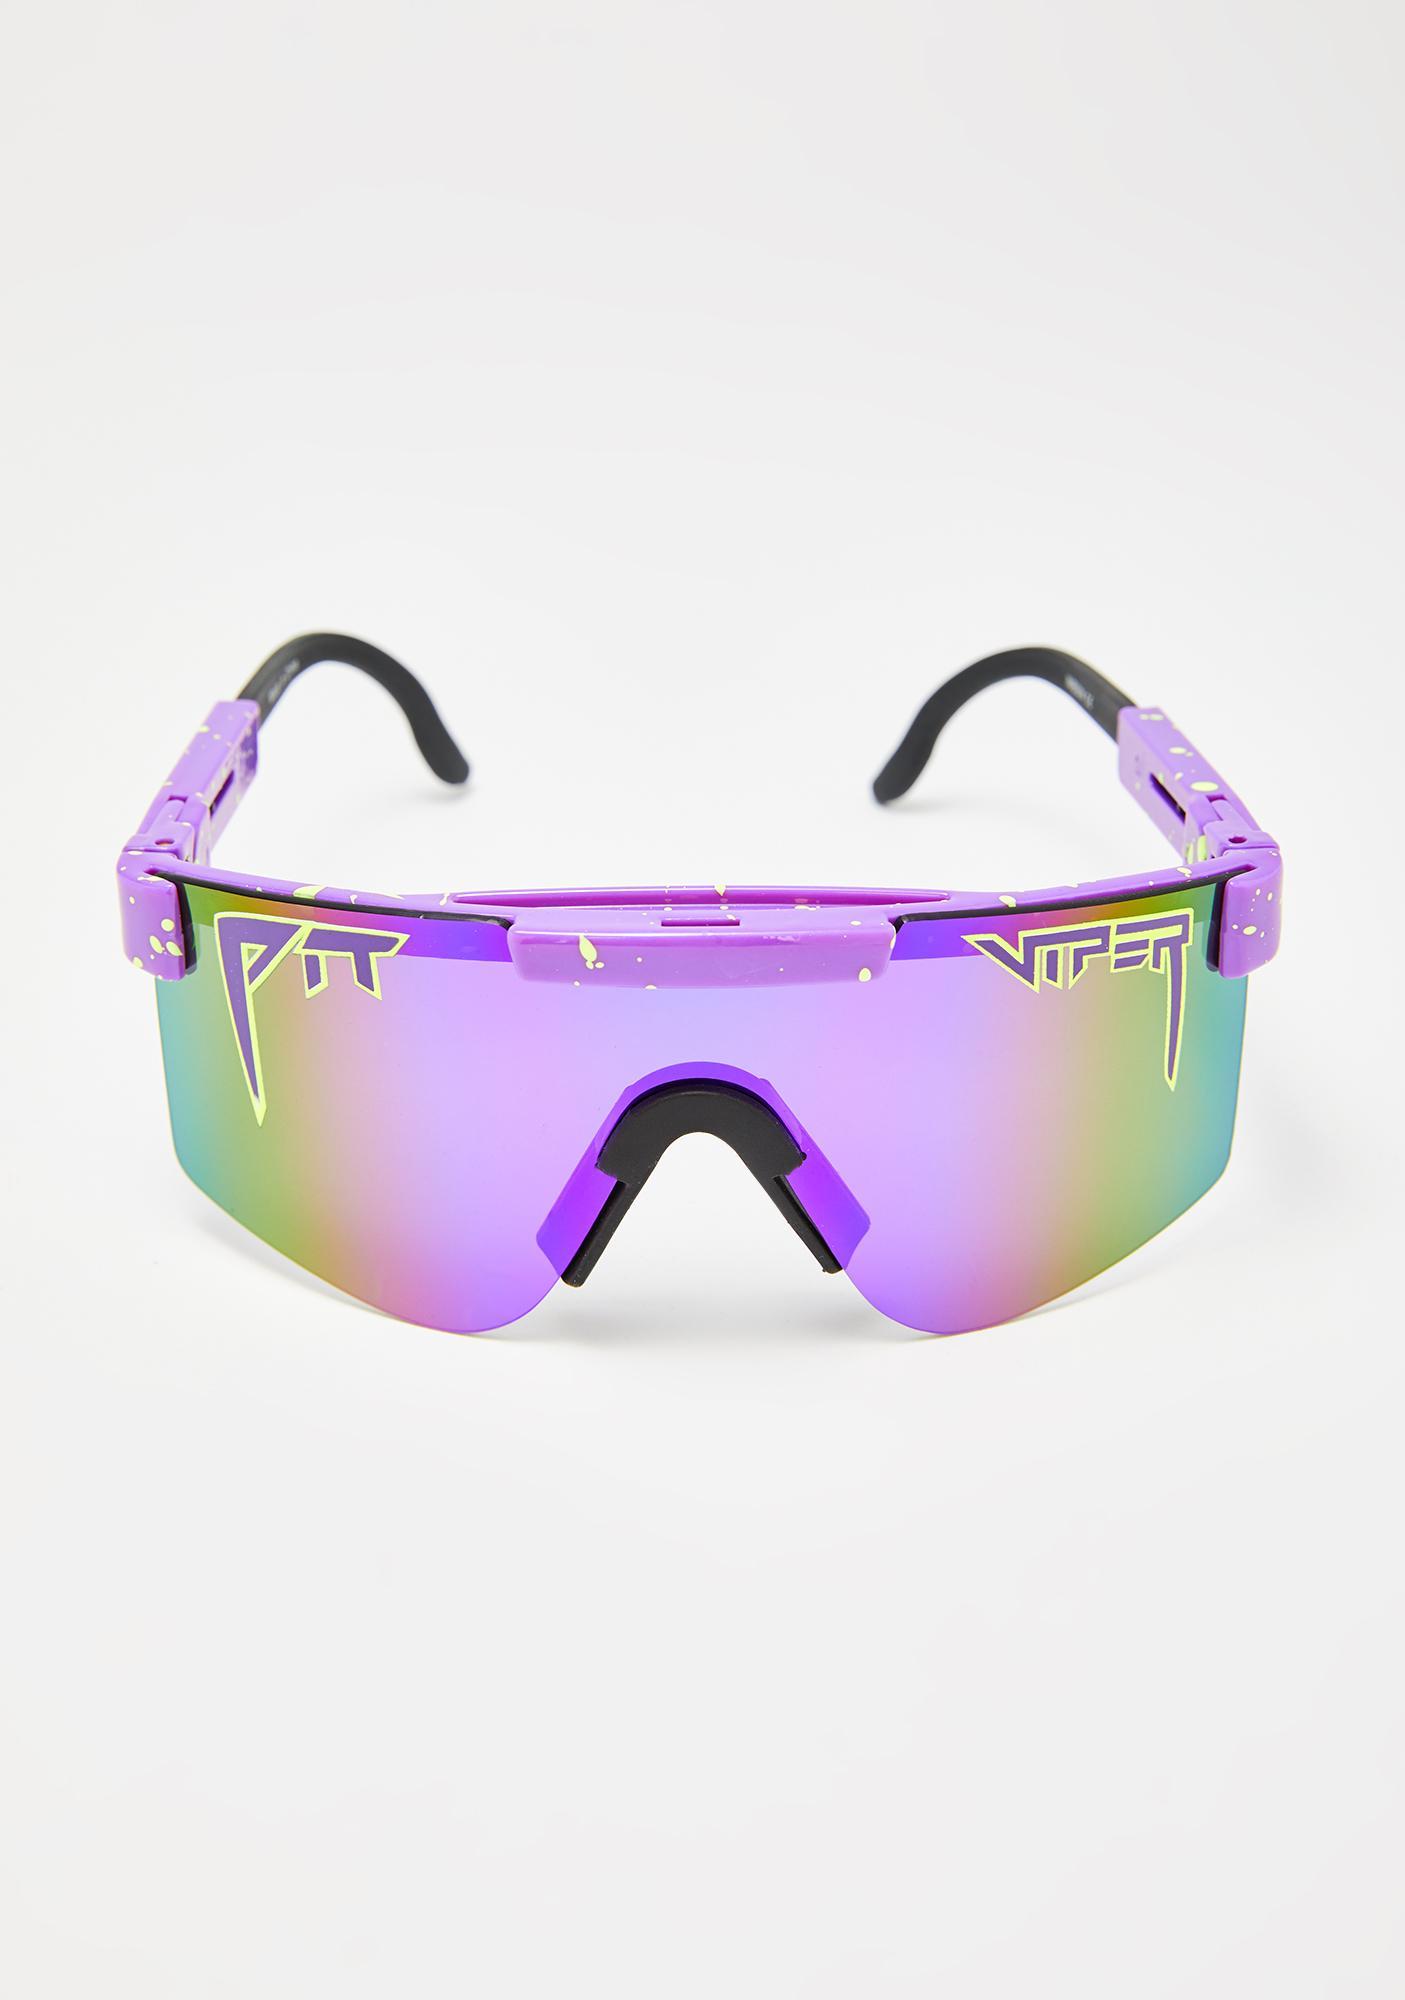 a6028d7dbca41 ... Pit Viper The Donatello Polarized Sunglasses ...